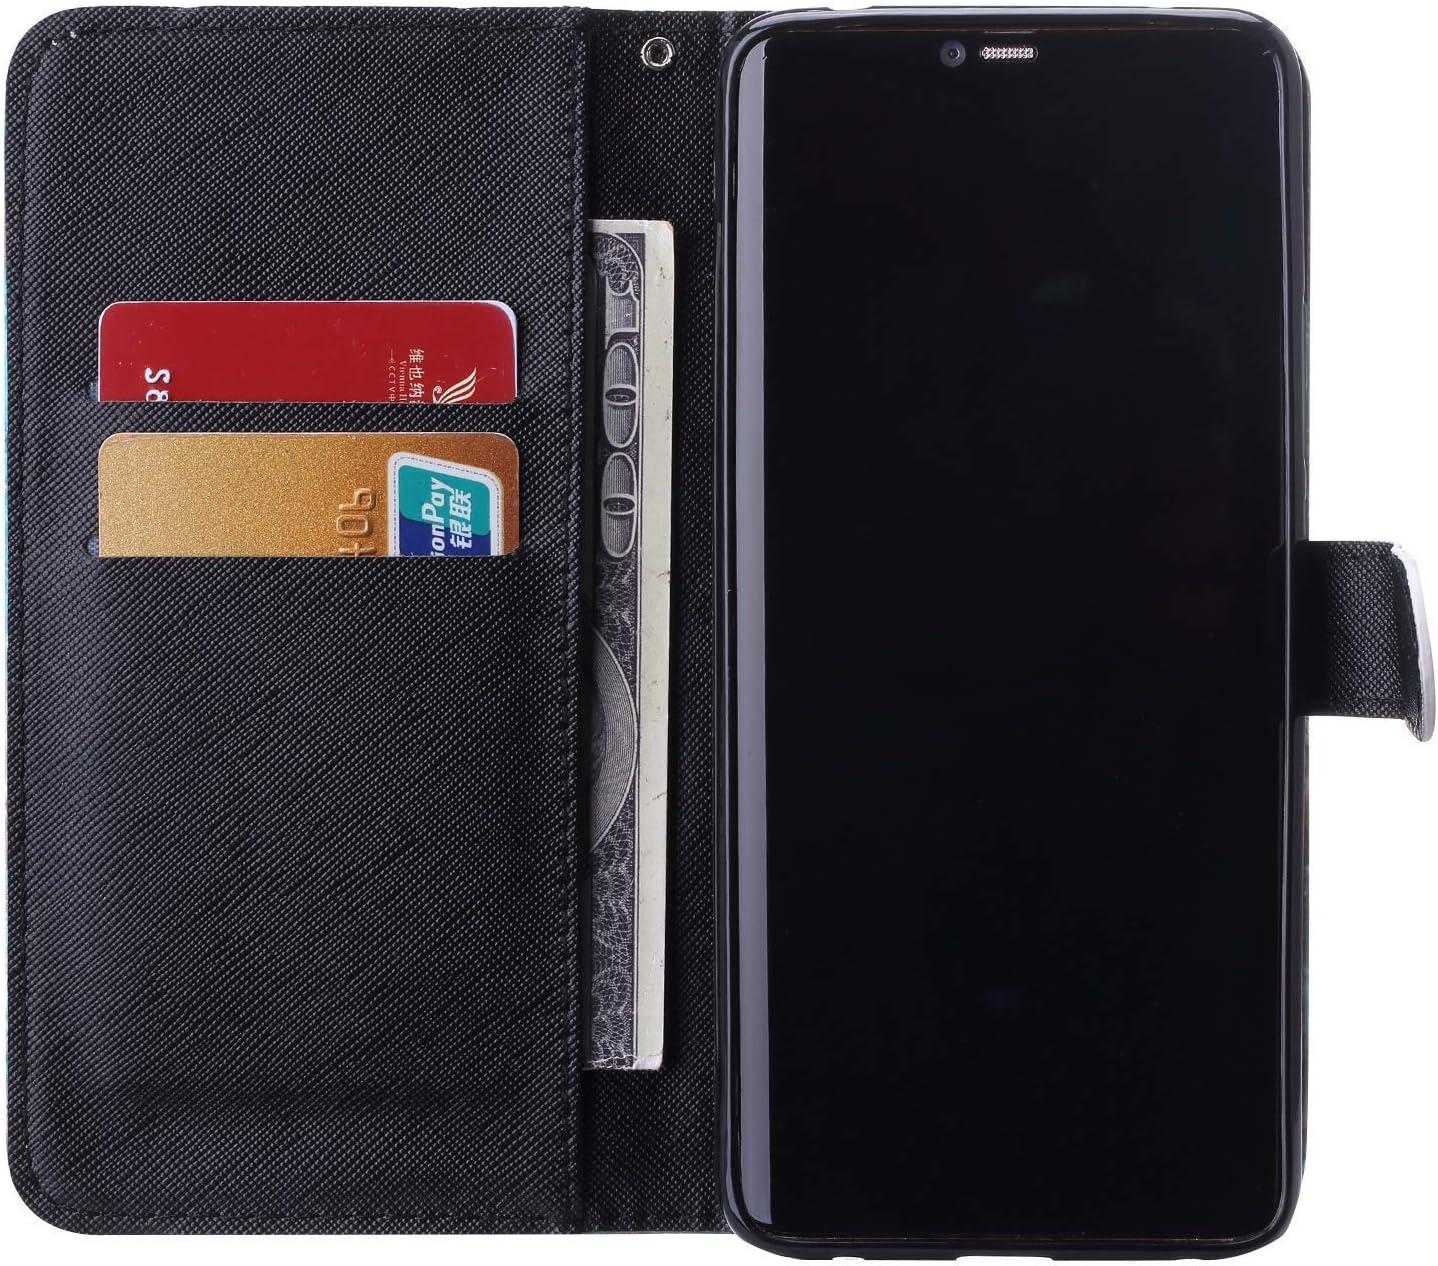 Saceebe Compatible avec Samsung Galaxy S10 Housse de t/él/éphone Housse Etui Portefeuille Cuir Coque Brillante Bling Glitter 3D Motif Folio Stand Pochette Wallet Coque,Animaux Anim/é